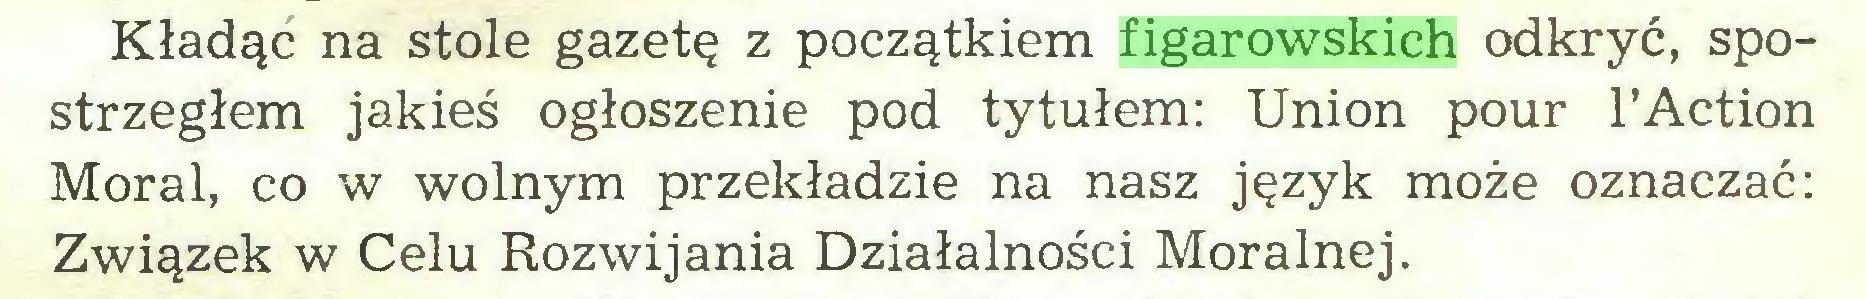 (...) Kładąc na stole gazetę z początkiem figarowskich odkryć, spostrzegłem jakieś ogłoszenie pod tytułem: Union pour l'Action Moral, co w wolnym przekładzie na nasz język może oznaczać: Związek w Celu Rozwijania Działalności Moralnej...